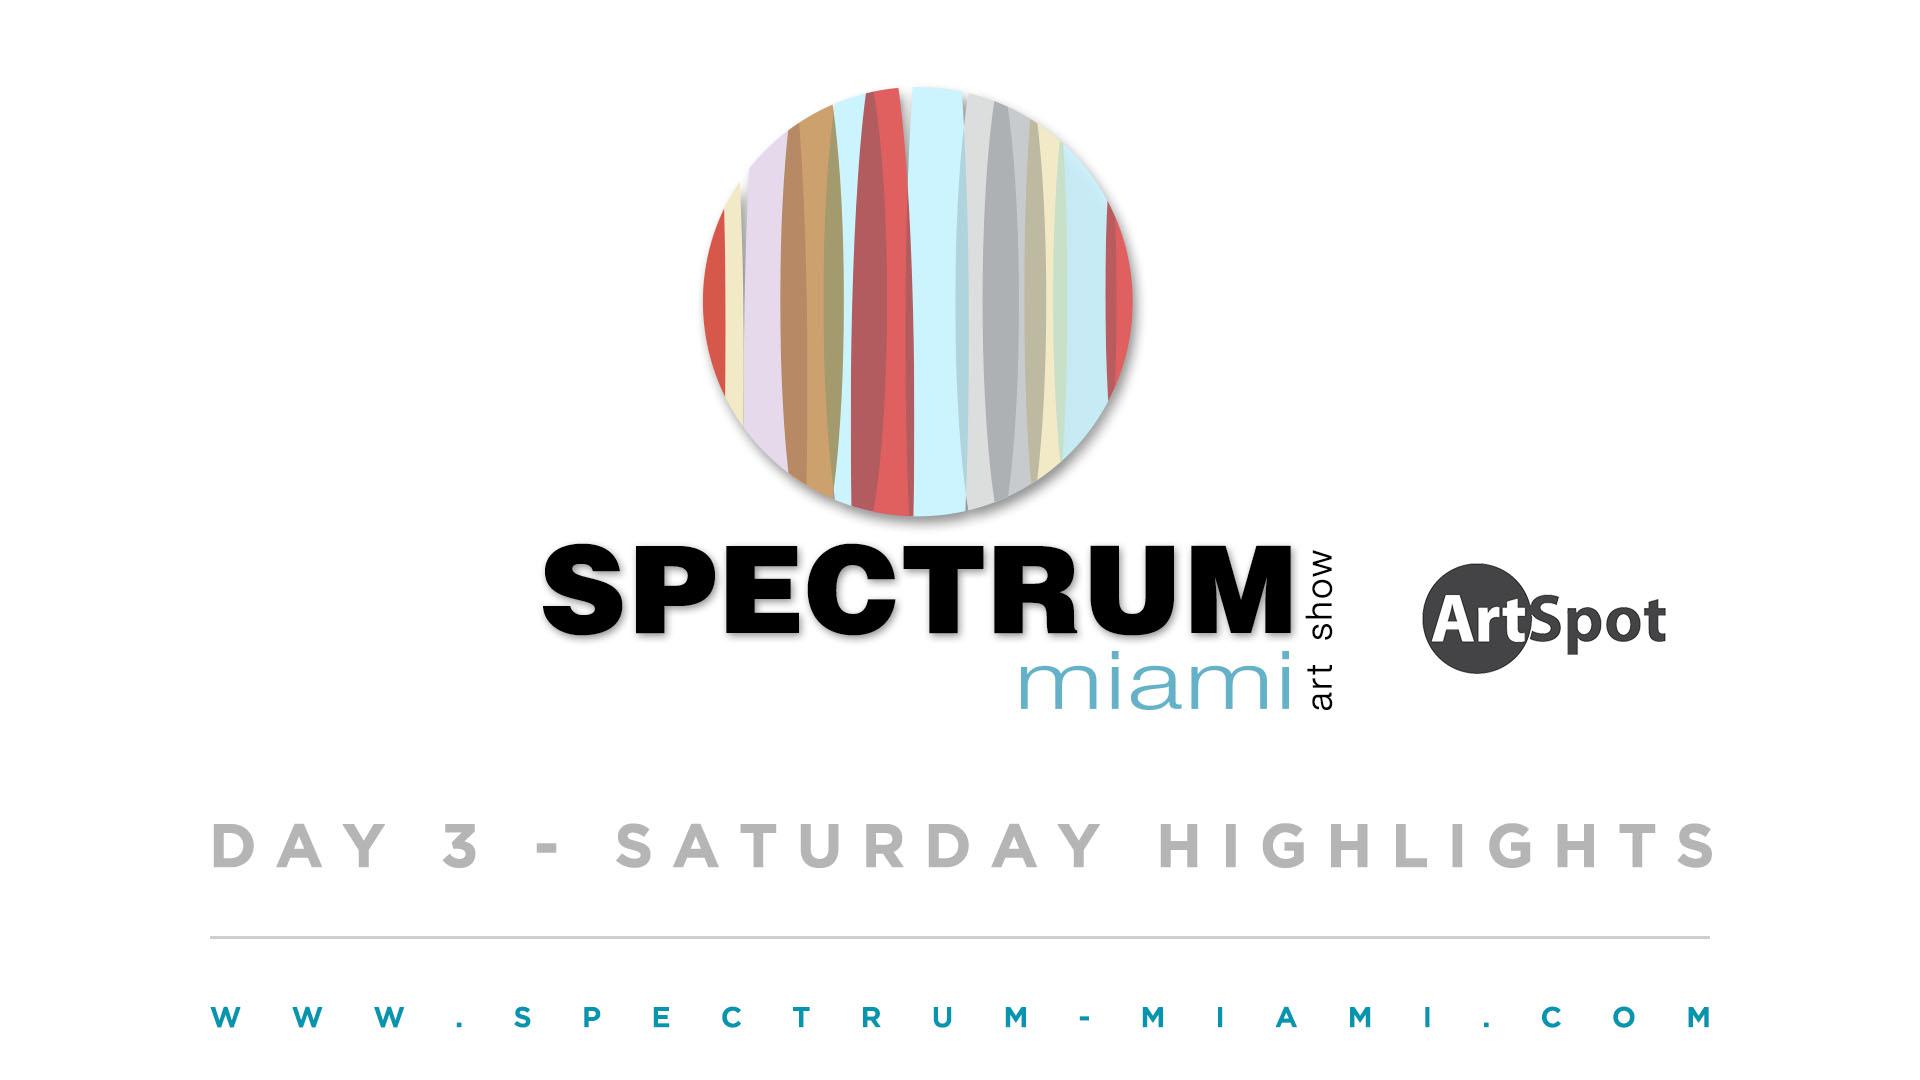 Spectrum Miami 2016 - Saturday Highlights